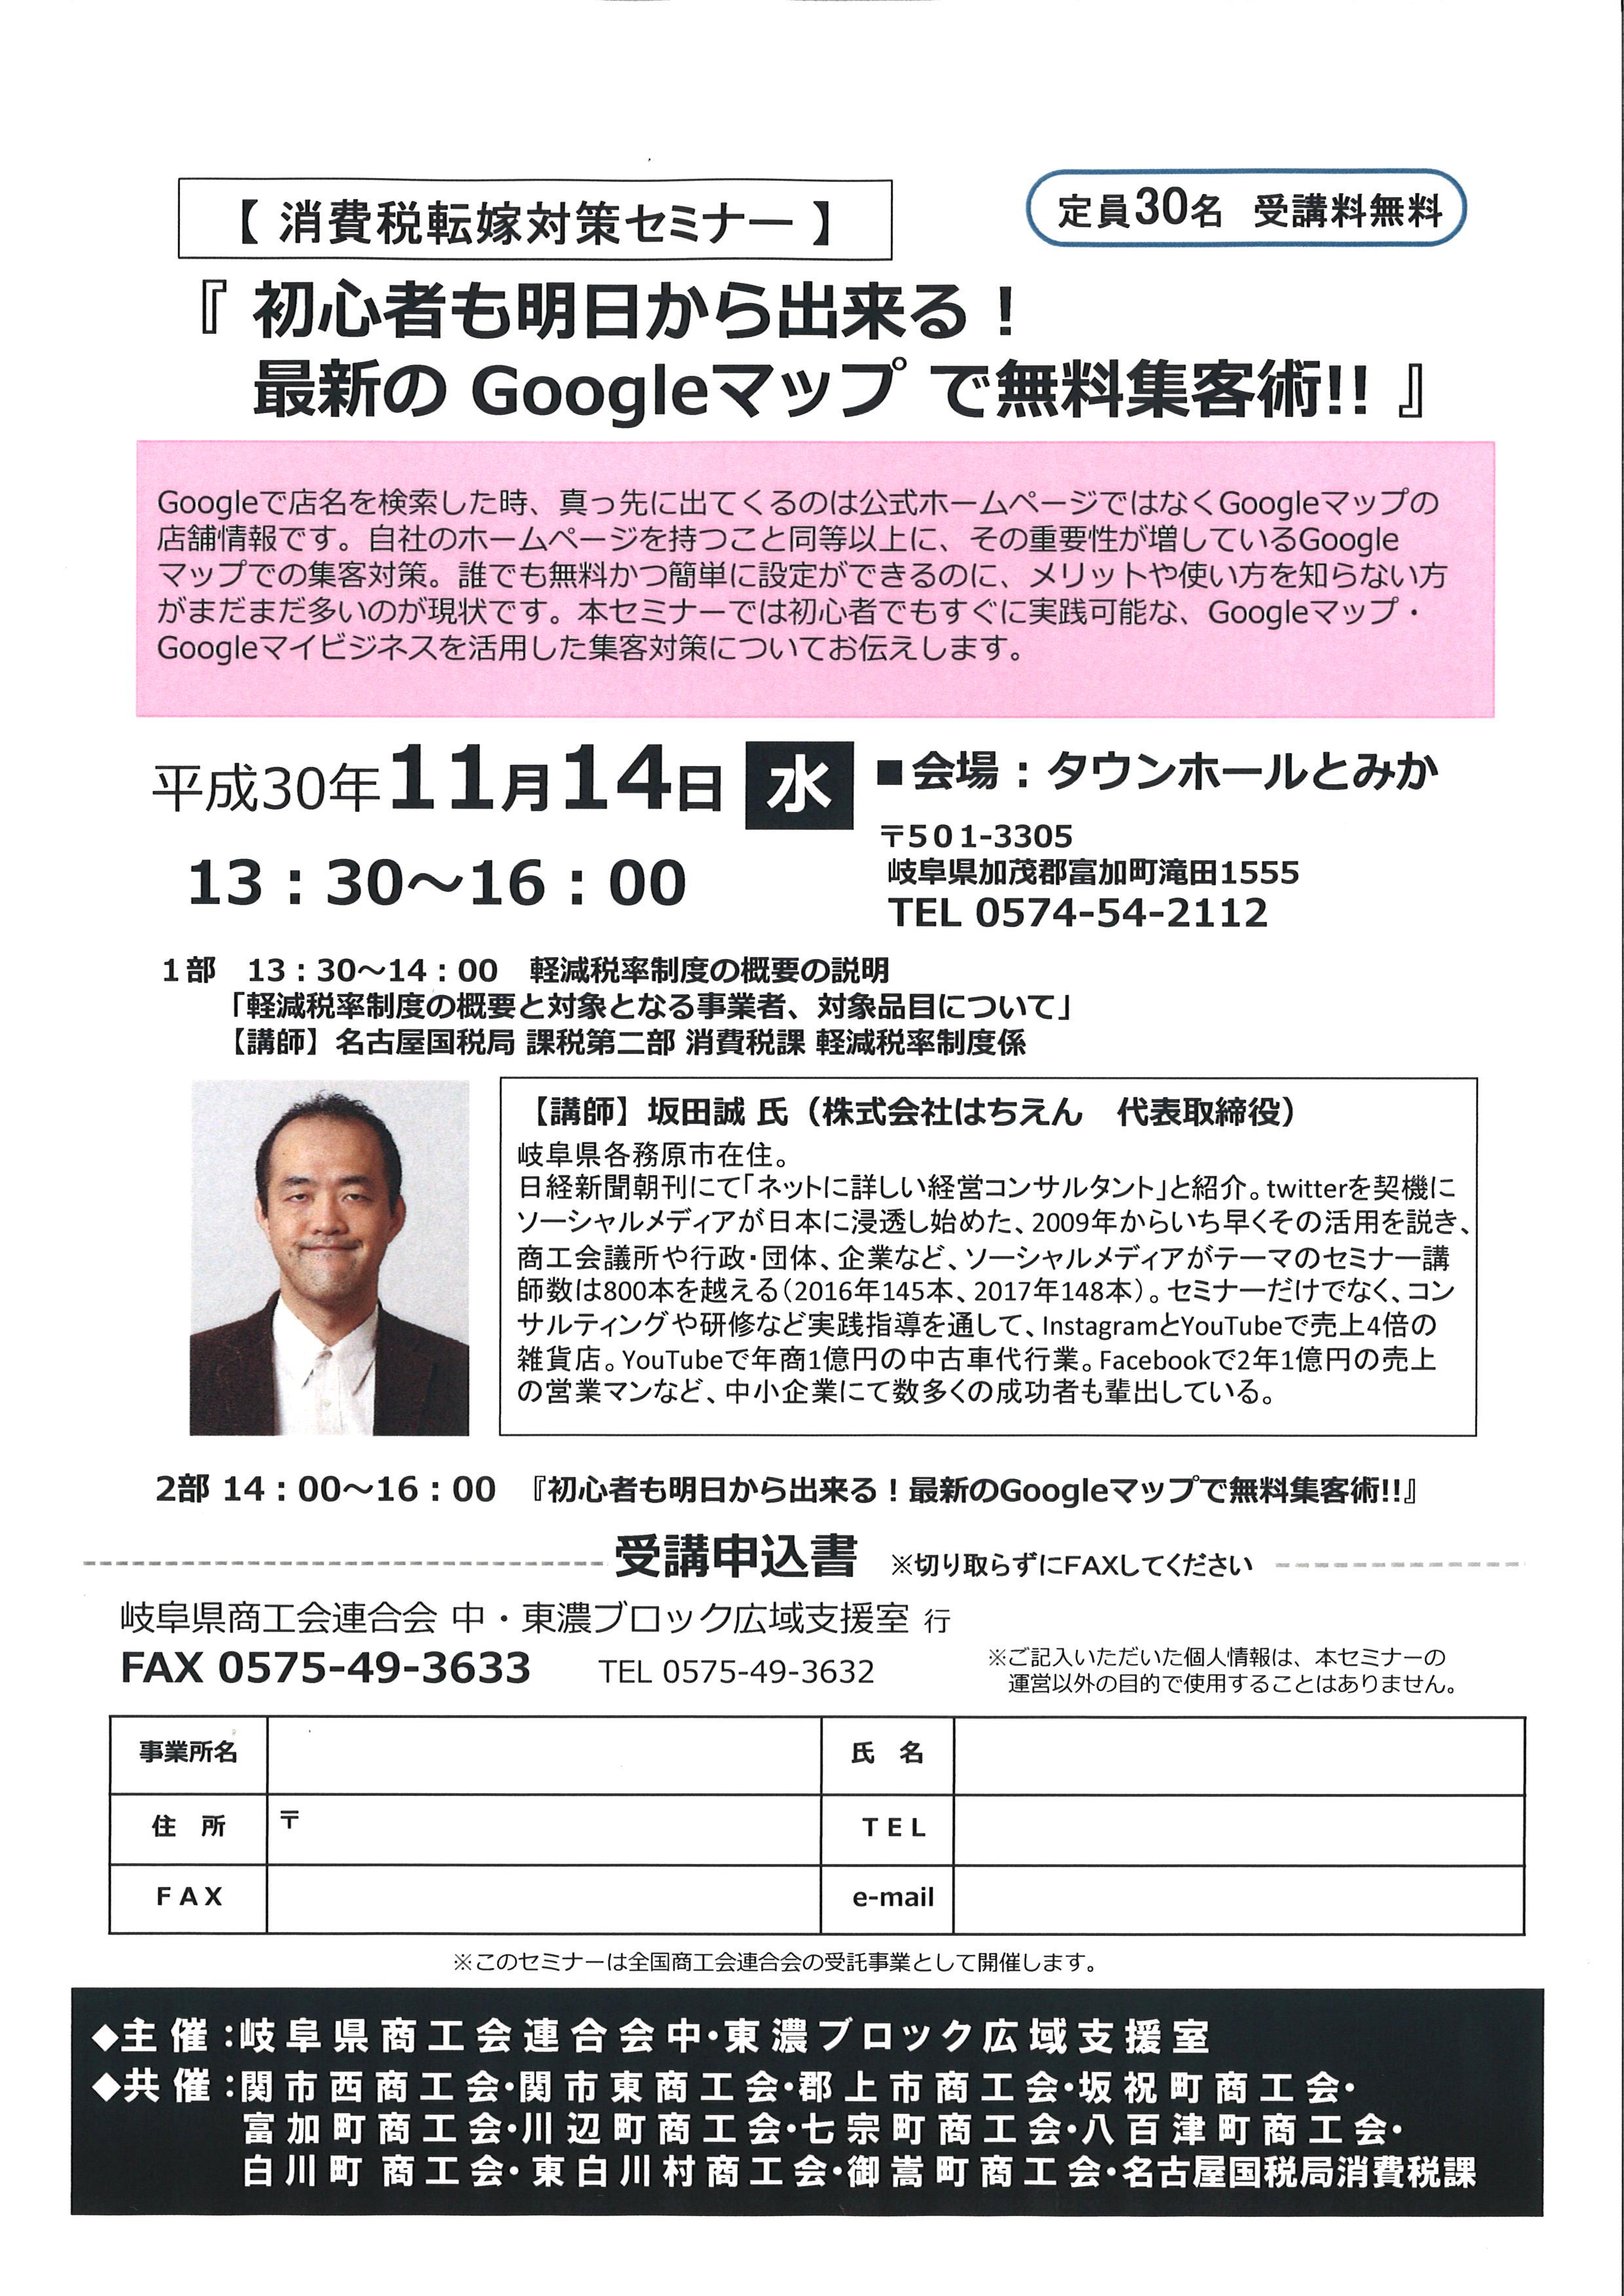 11/14 セミナーチラシ・申込書